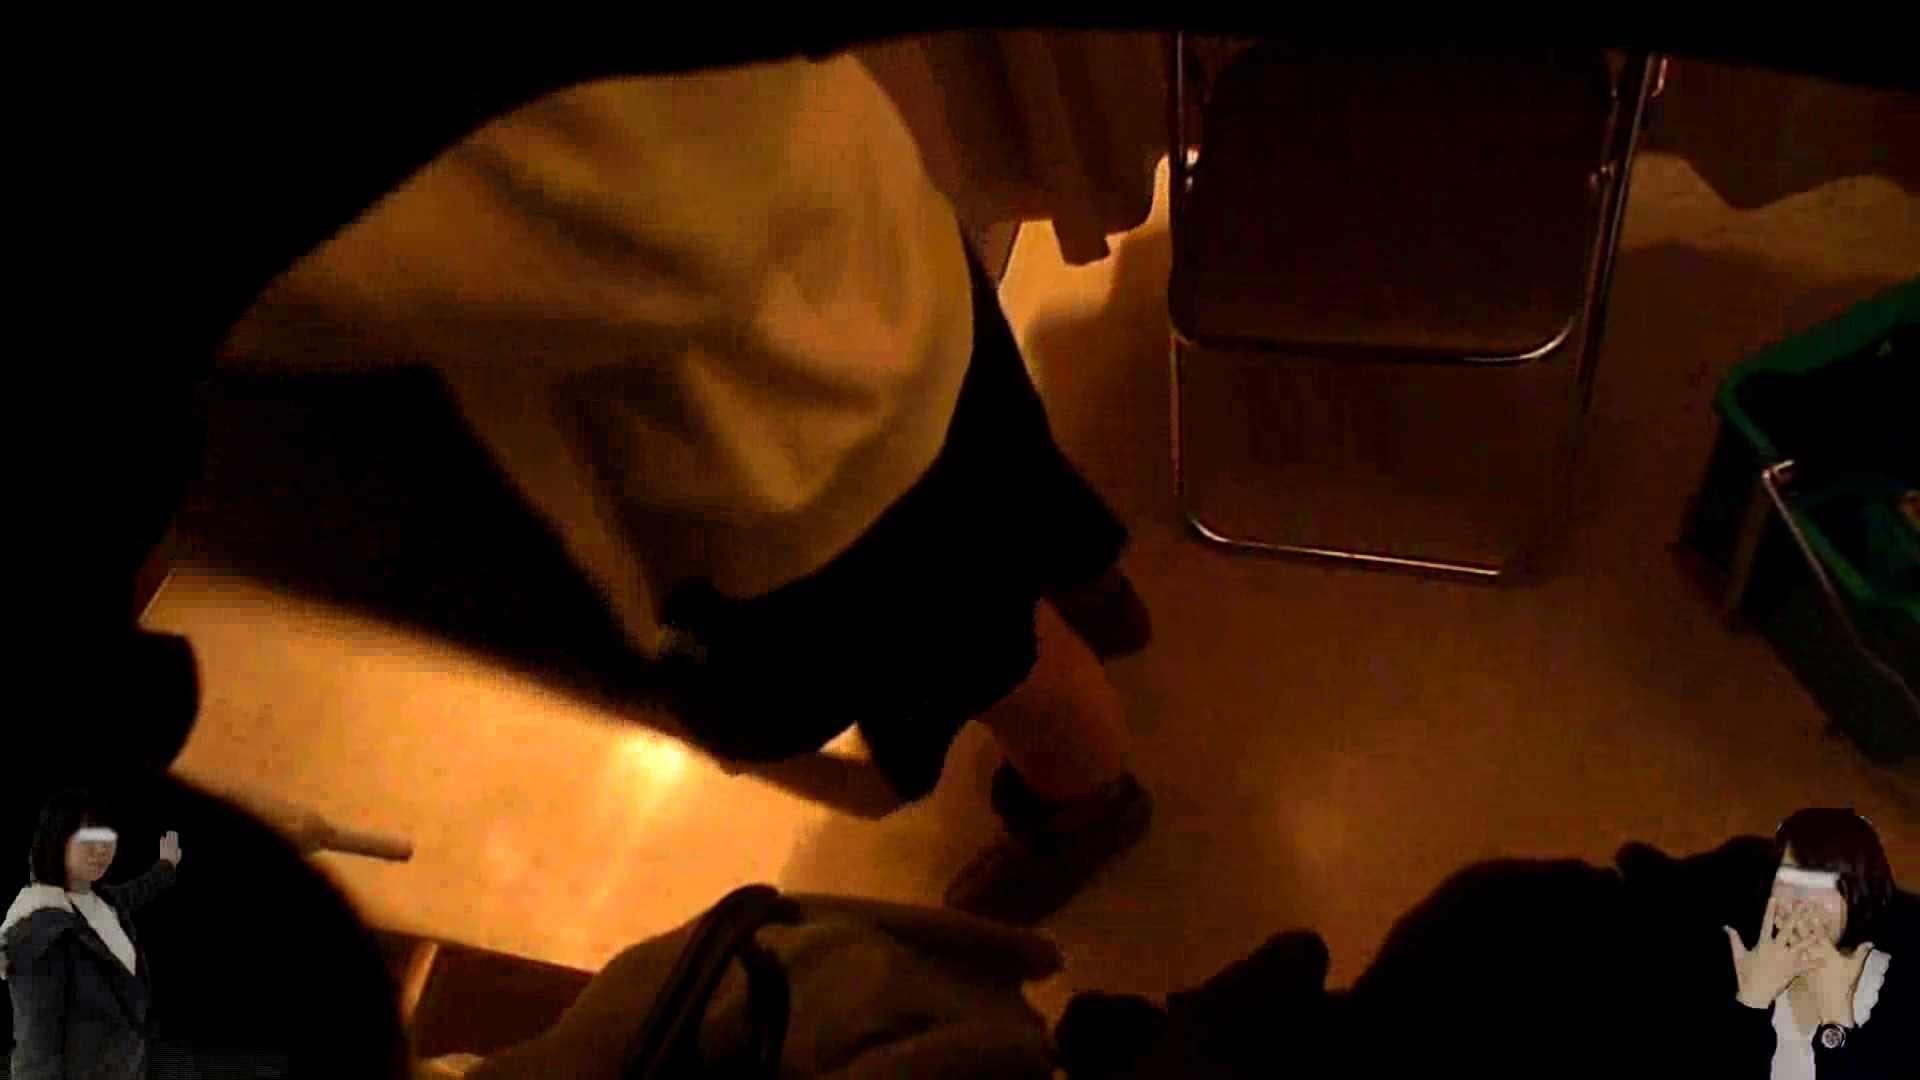 素人投稿 現役「JD」Eちゃんの着替え Vol.05 投稿   素人エロ投稿  111画像 17